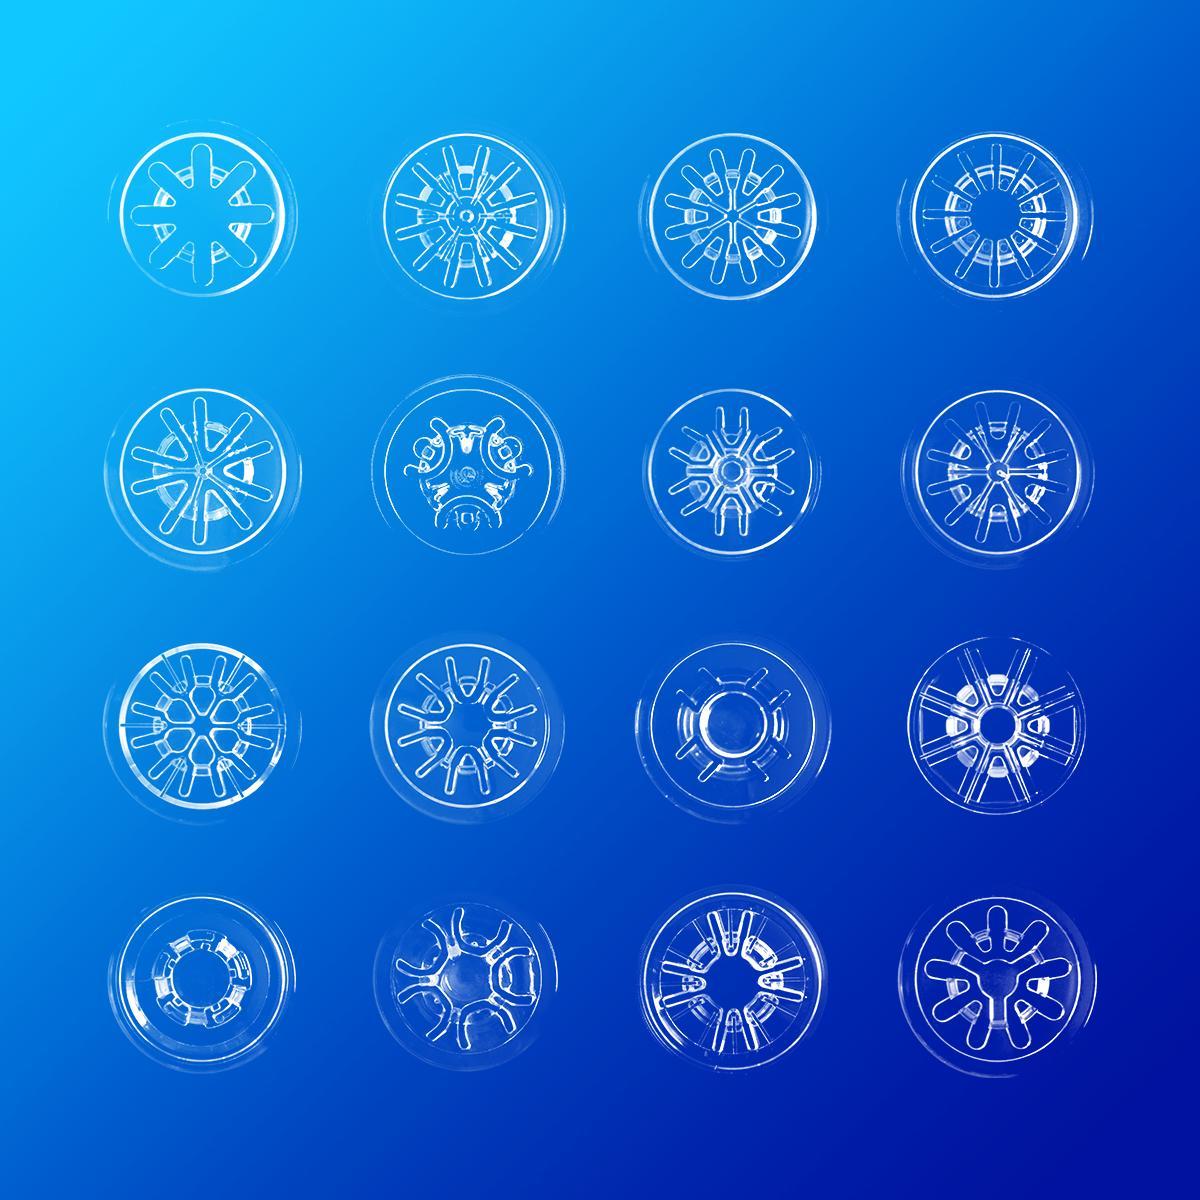 CDケースのツメっていろんな形があって面白い。こうやって並べると雪の結晶みたい。